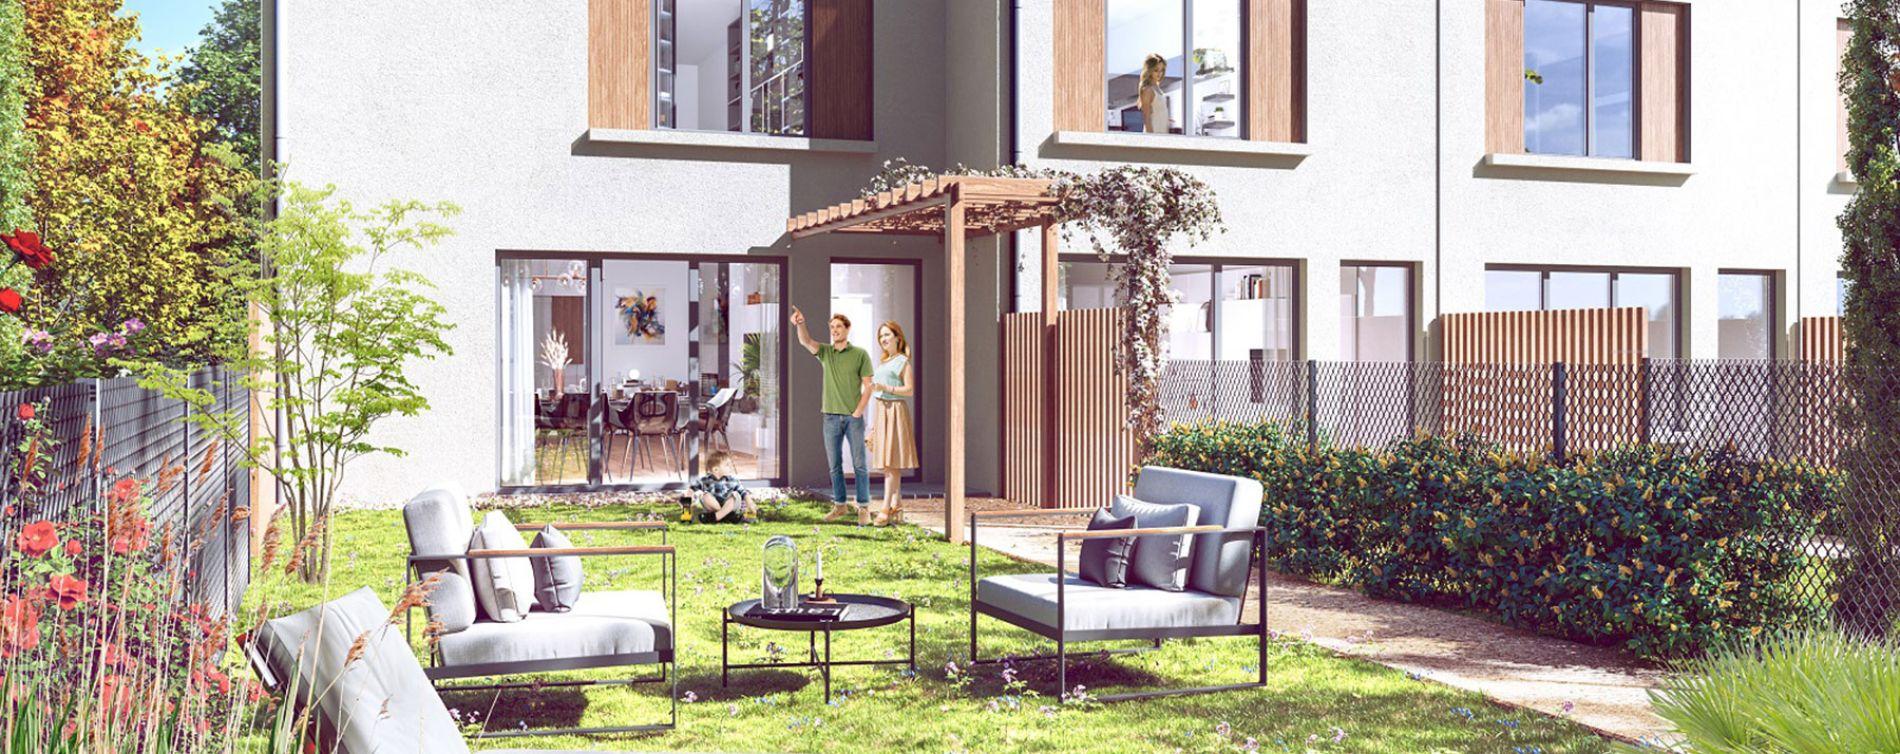 Saint-Jean-de-Boiseau : programme immobilier neuve « Apollinaire »